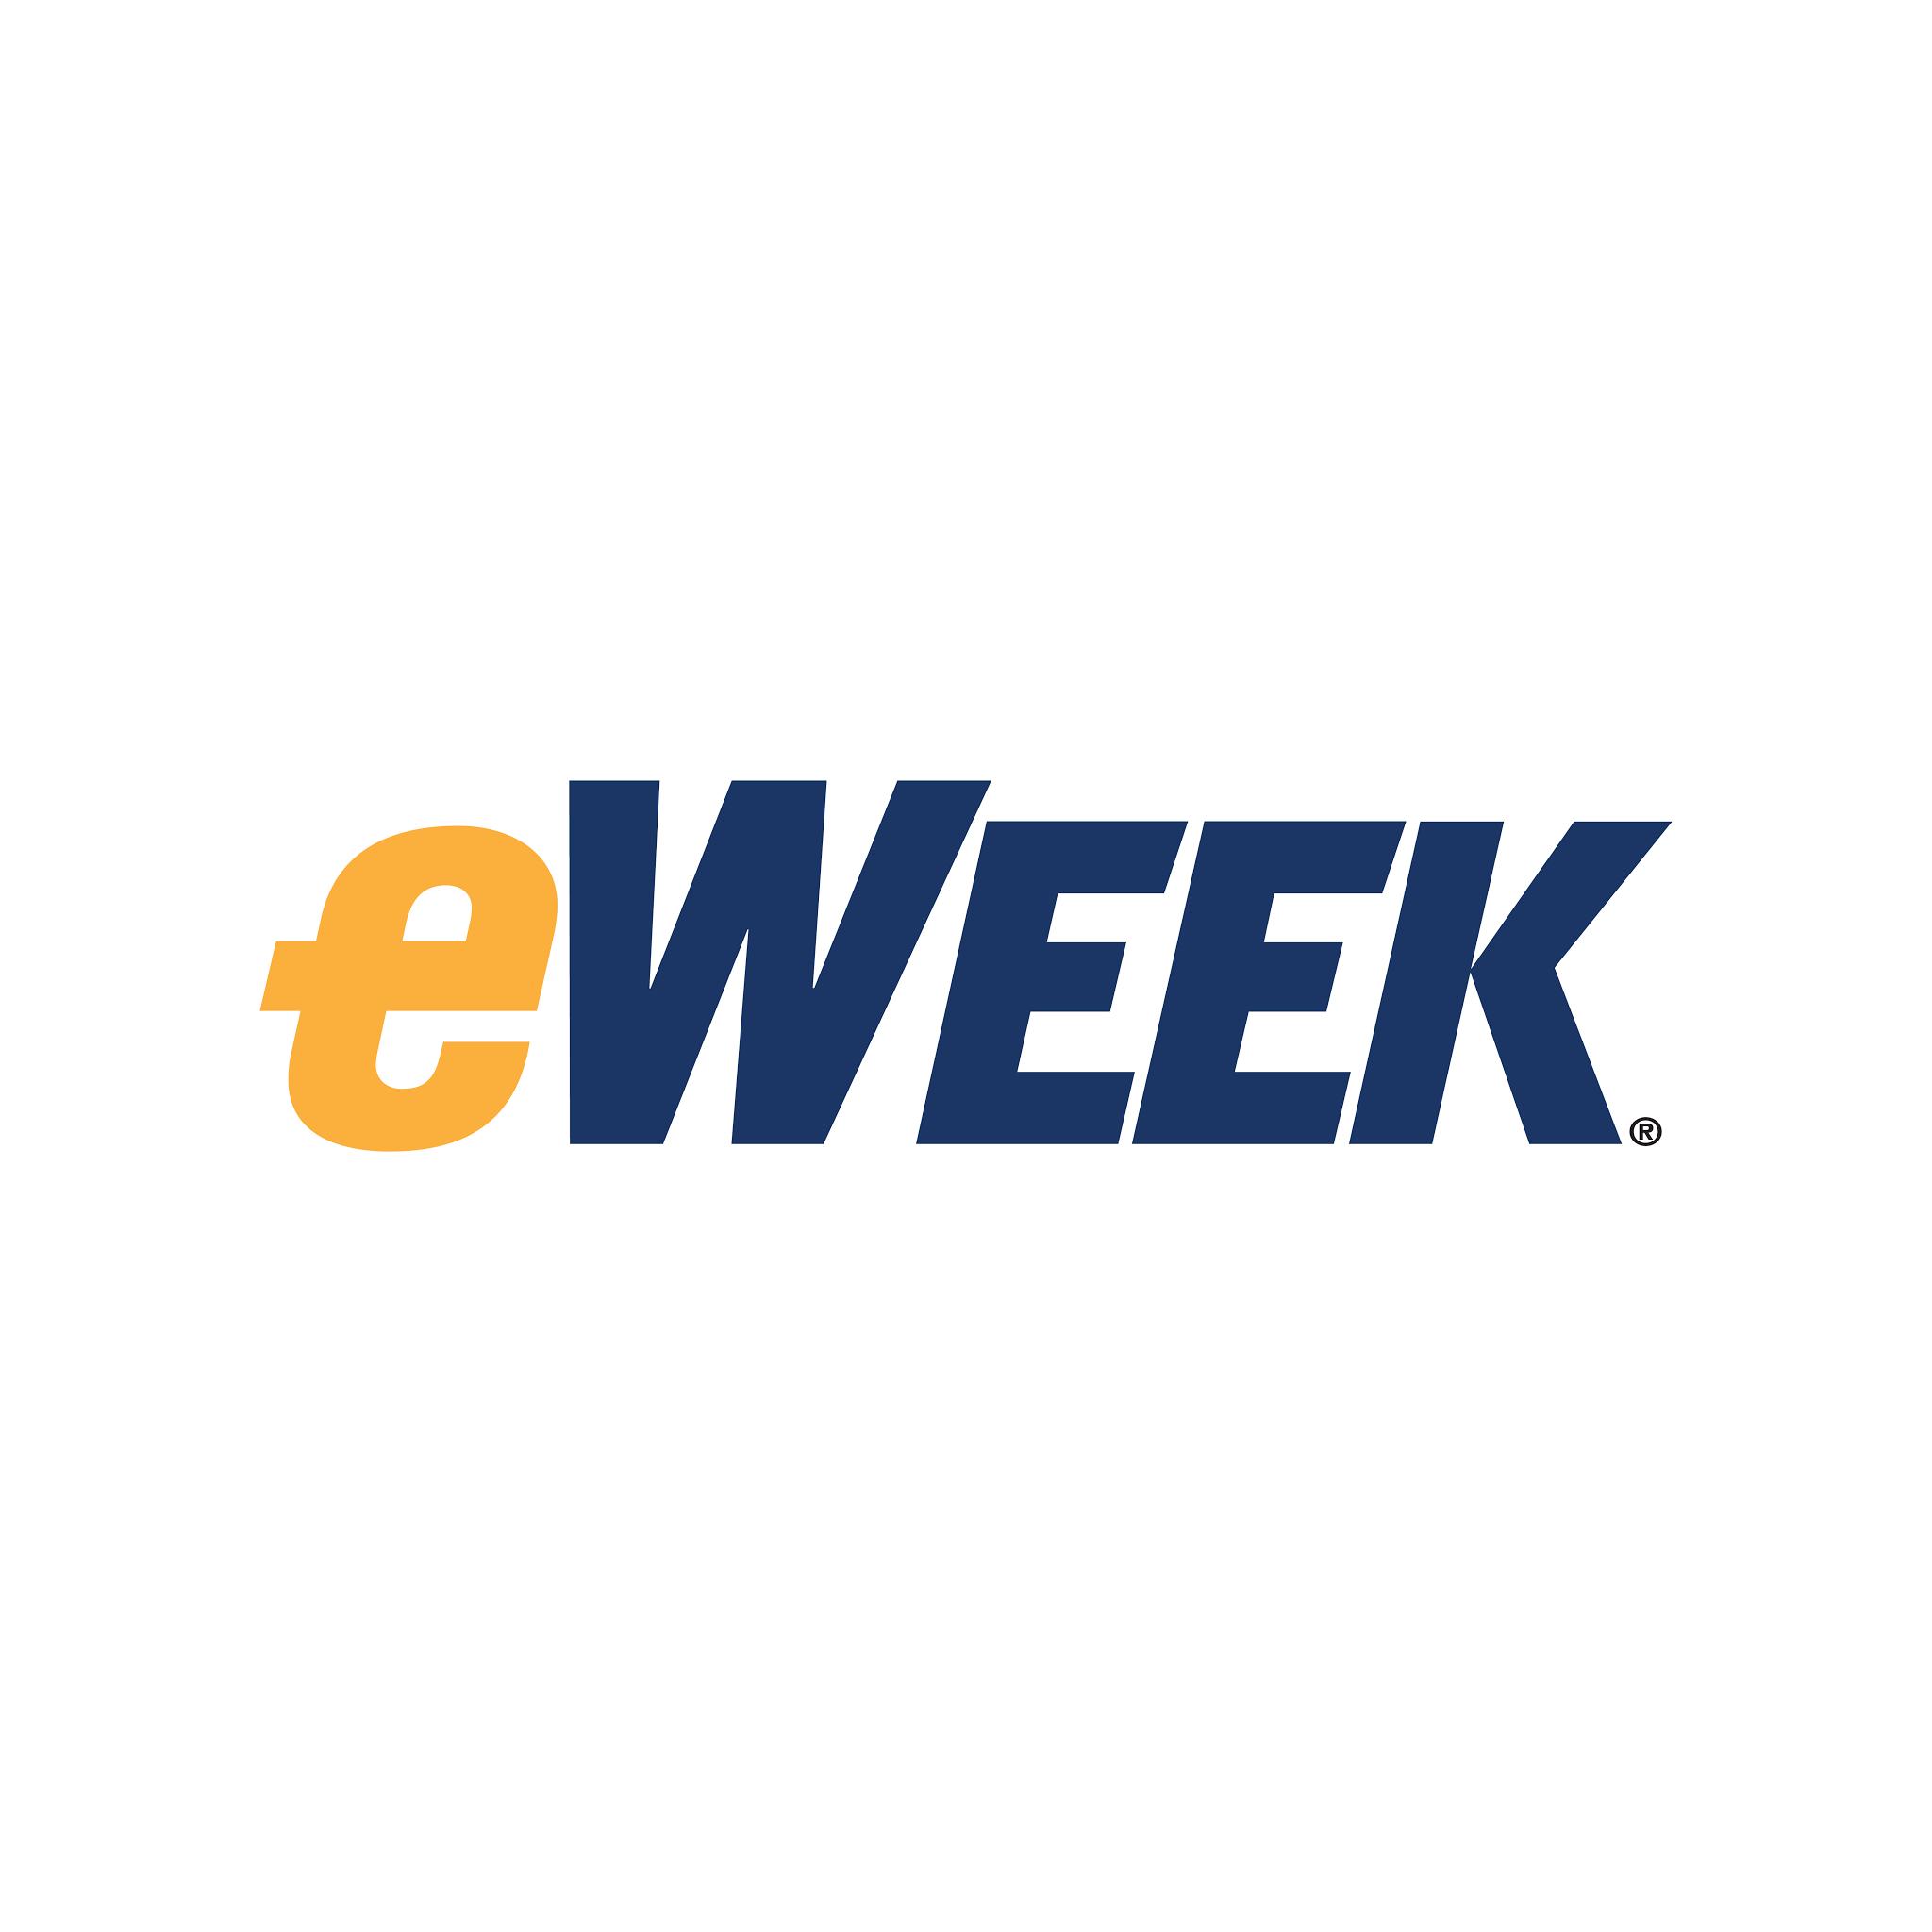 eWeekLogo_3